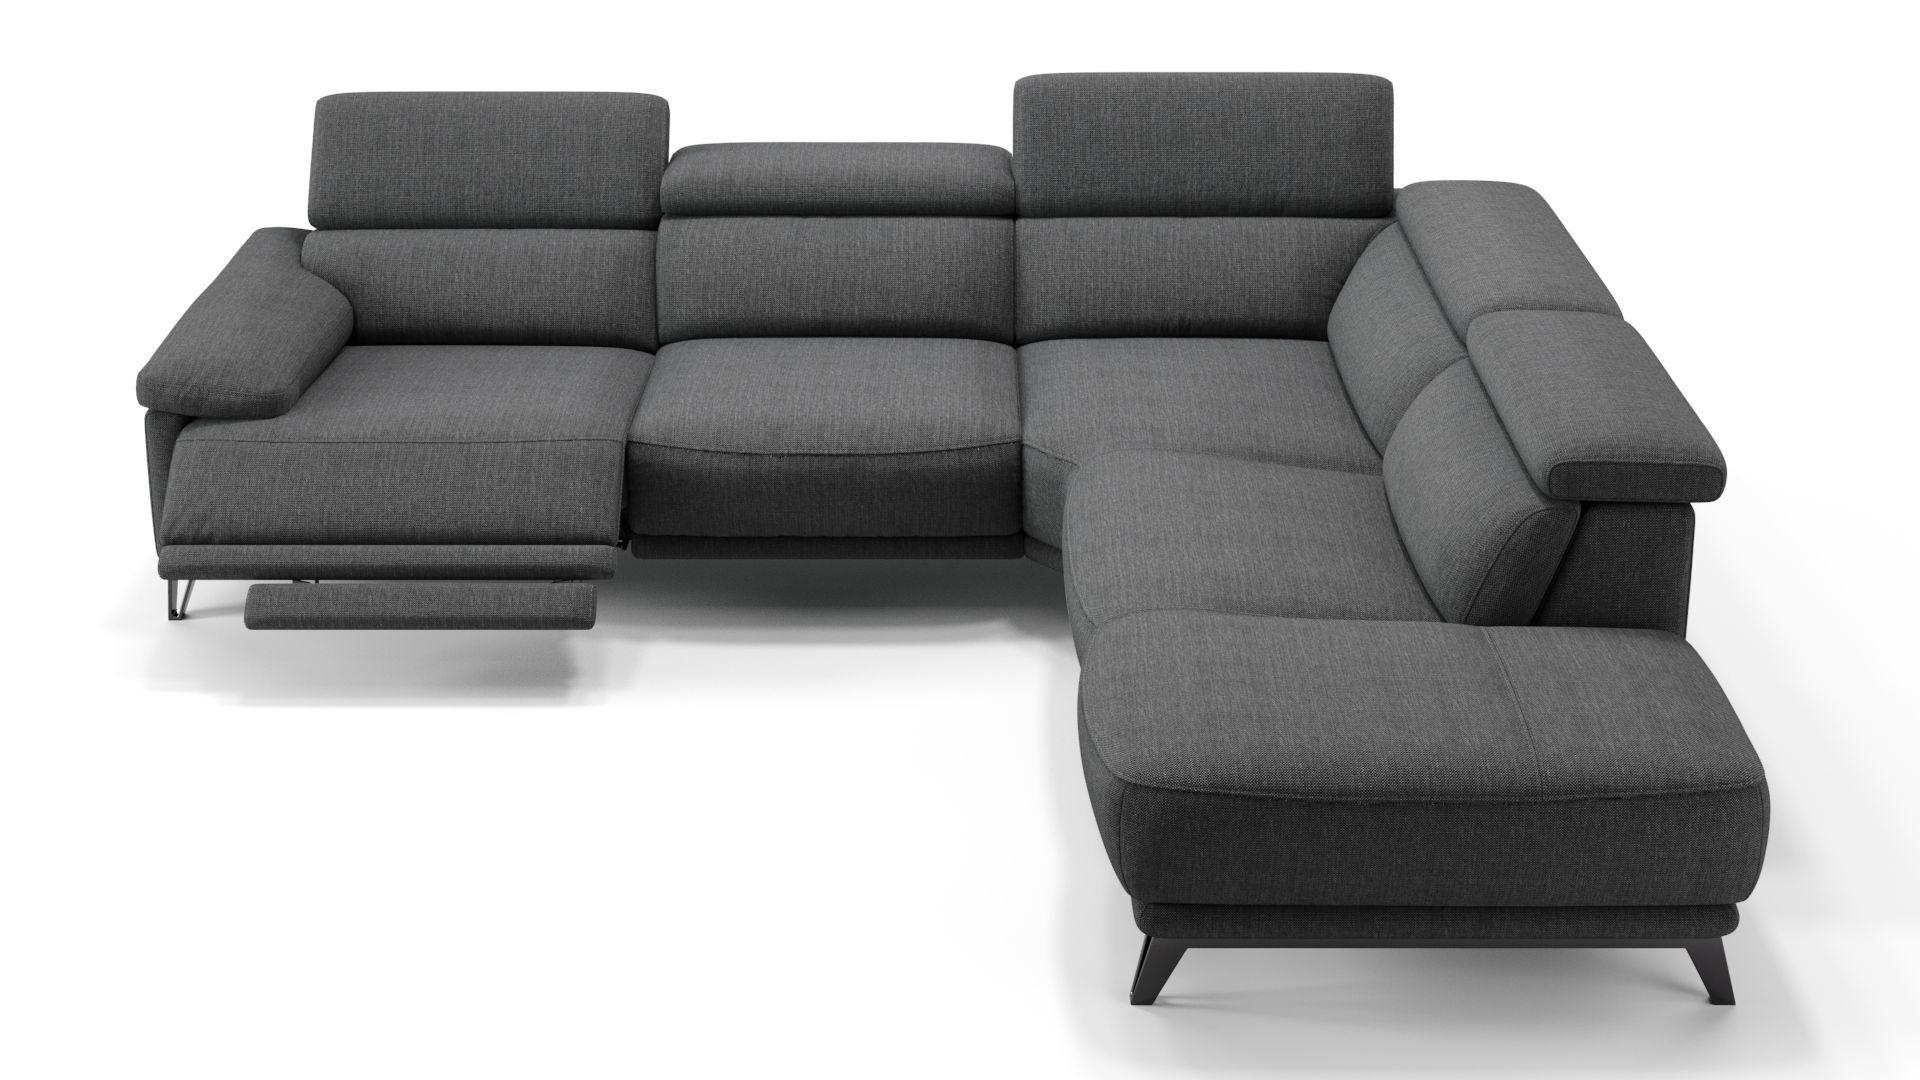 Dieses Ecksofa Mit Sitztiefenverstellung Sorgt Fur Besondere Annehmlichkeiten Lassen Sie Sich Von Dem Schonen Stoff Sofa M Sofa Mit Relaxfunktion Sofa Relaxen